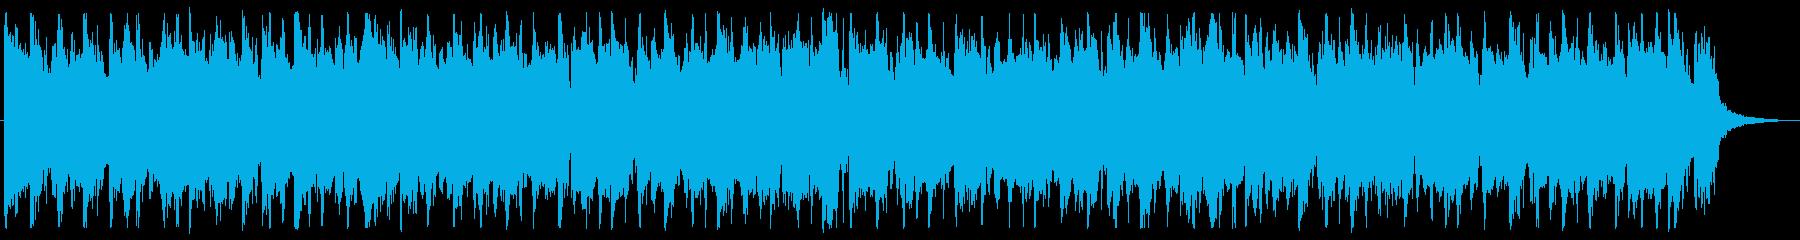 ギター/インディーロック_No454_4の再生済みの波形